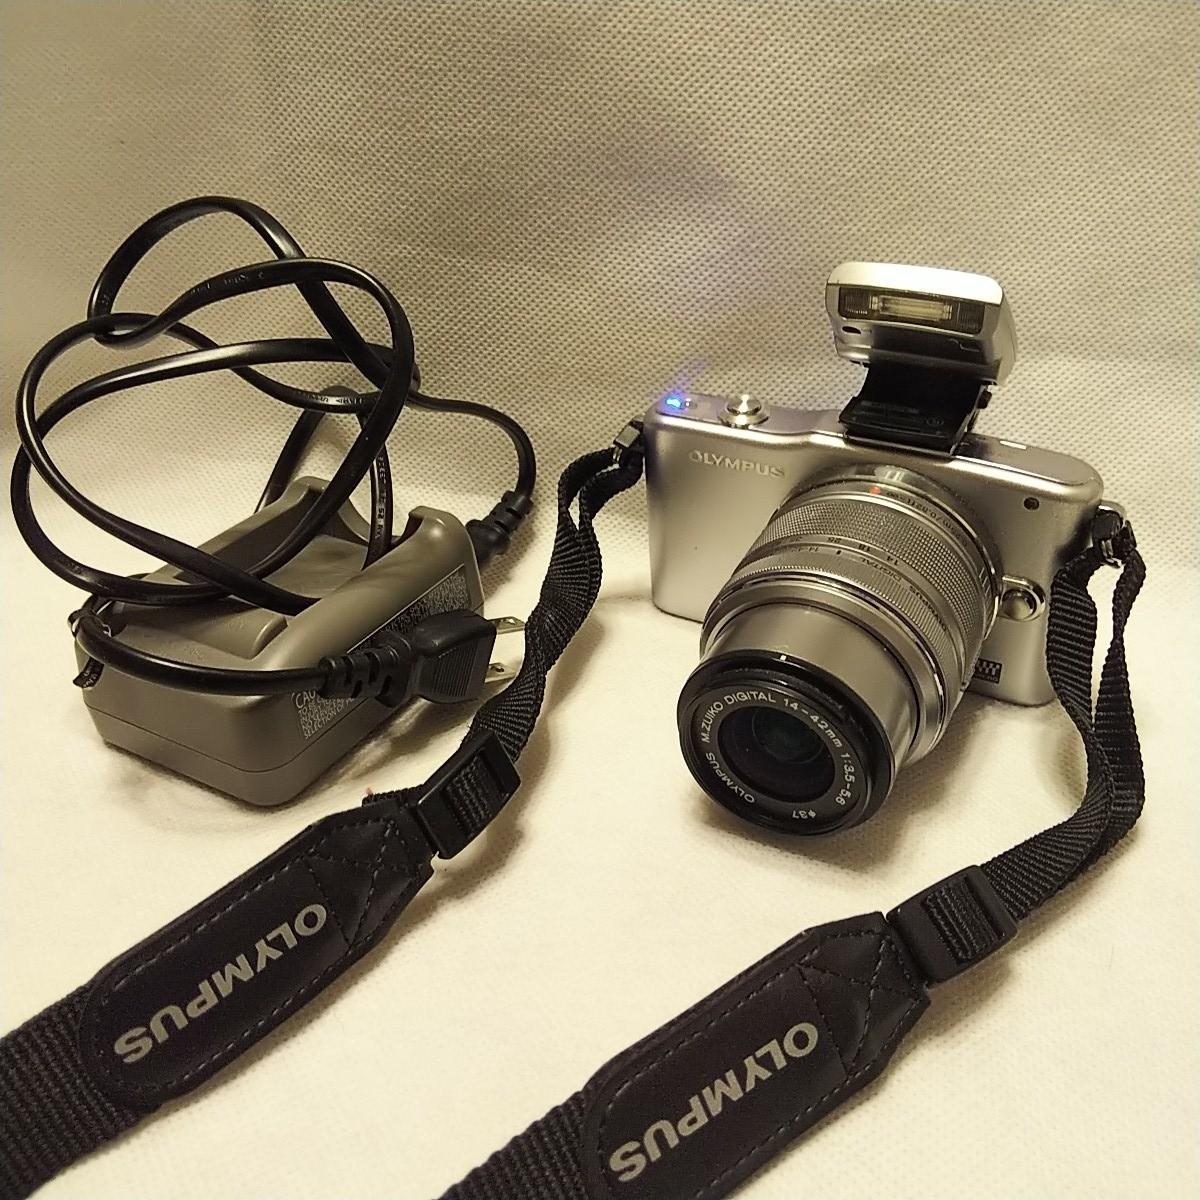 オリンパス E-PM1 デジタル一眼 レンズ フラッシュ付き FL-LM1 M.ZUIKO 14-42mm 1:3.5-5.6 π37mm ズームレンズキット YOKO-63 完動品 美品